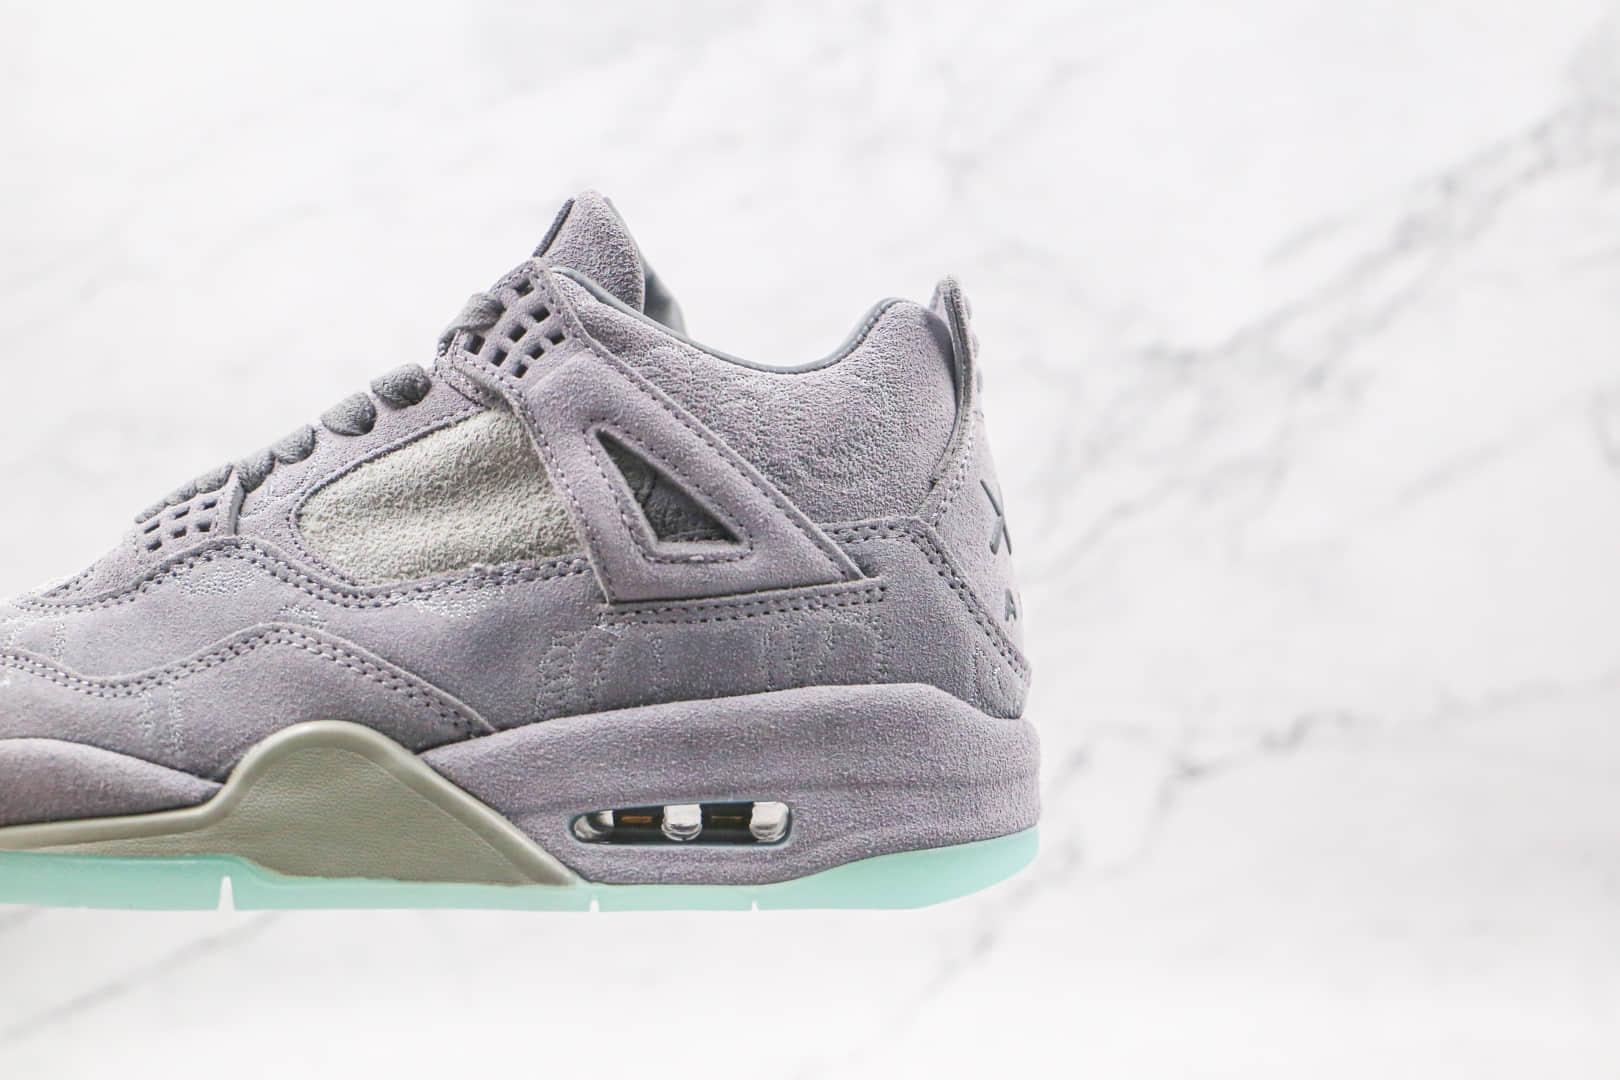 乔丹Air Jordan 4 X Kaws联名款纯原版本中帮麂皮酷灰夜光篮球鞋原鞋开模一比一打造 货号:930155-003